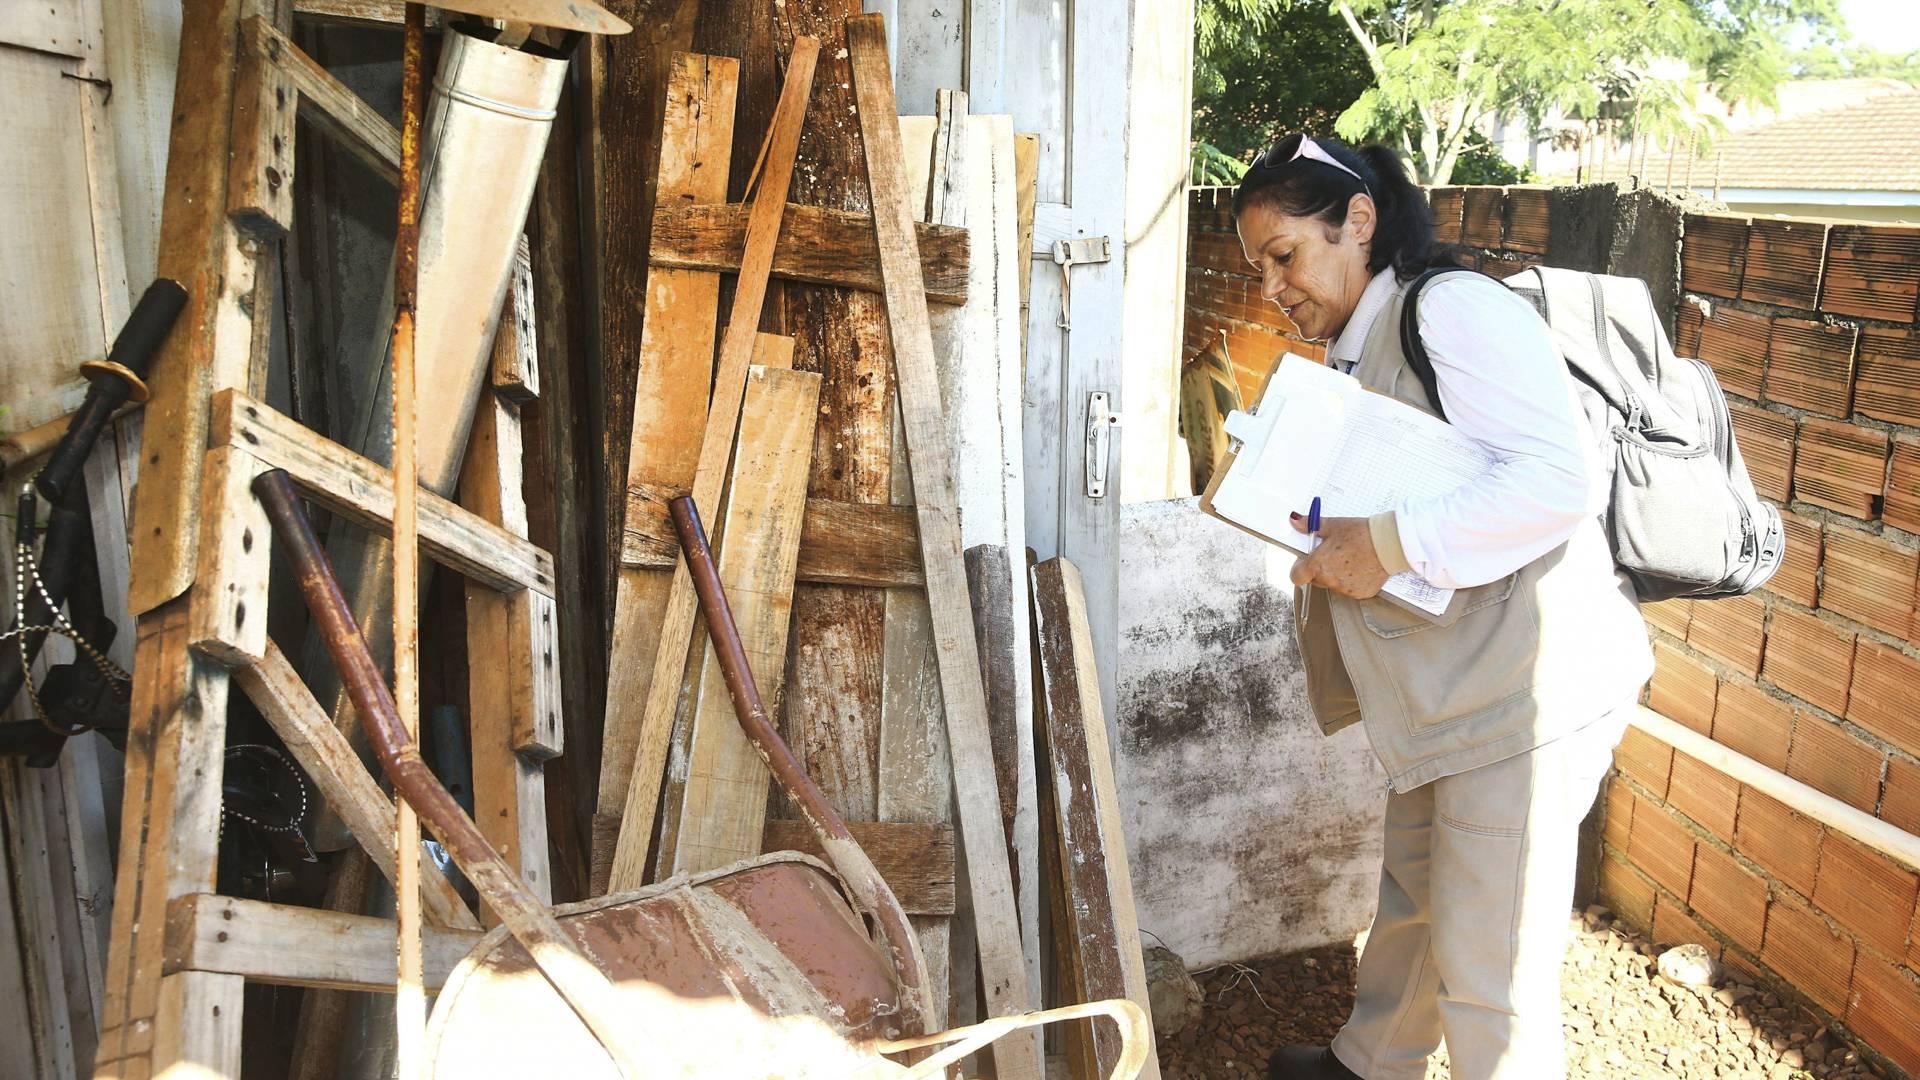 Endemias realiza ações de combate à dengue no Jardim Alvorada